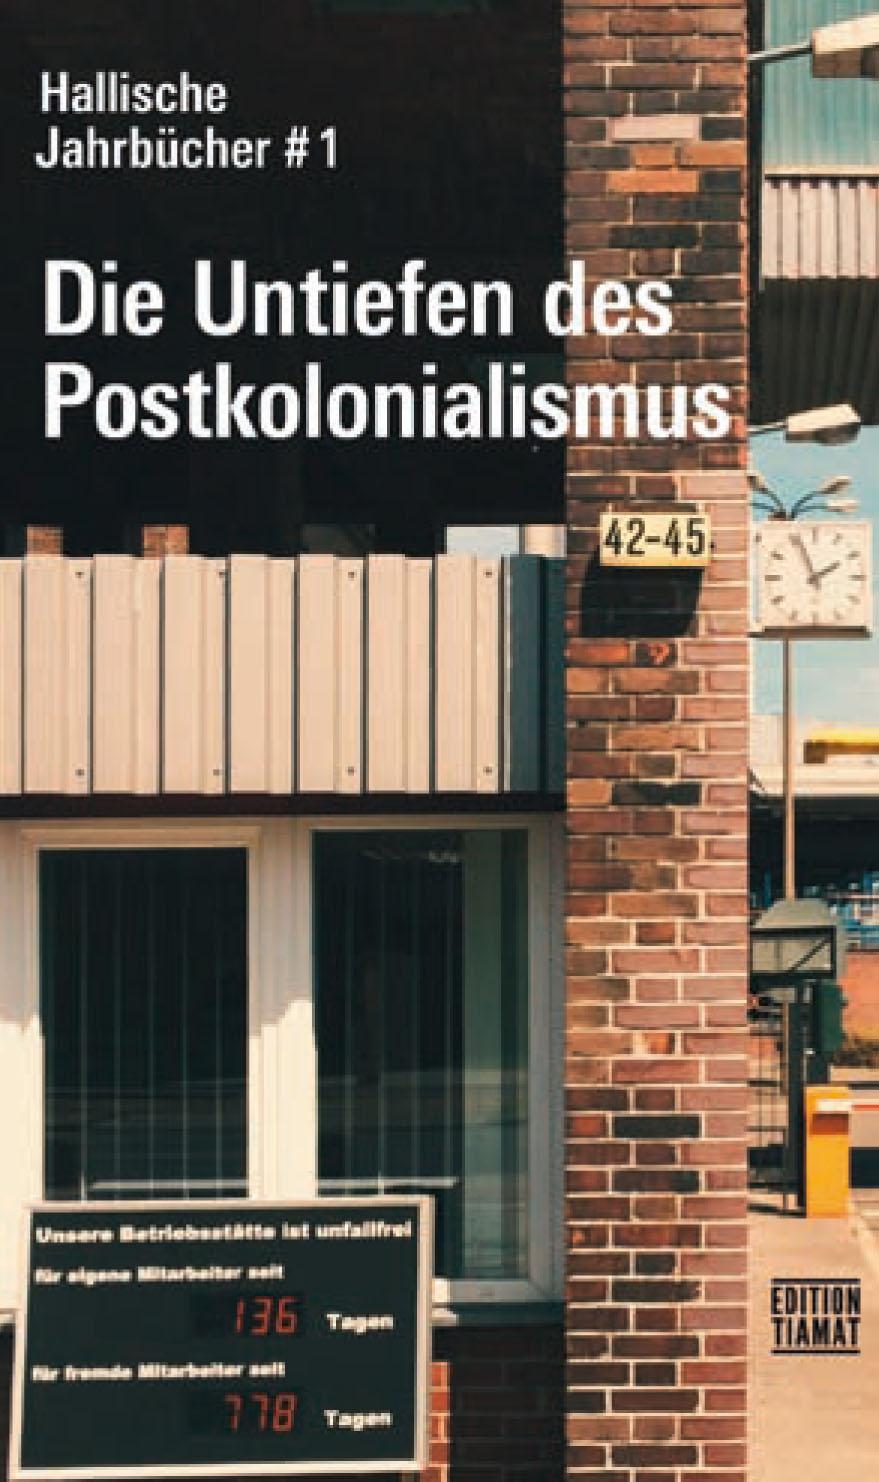 Hallische Jahrbücher, Die Untiefen des Postkolonialismus